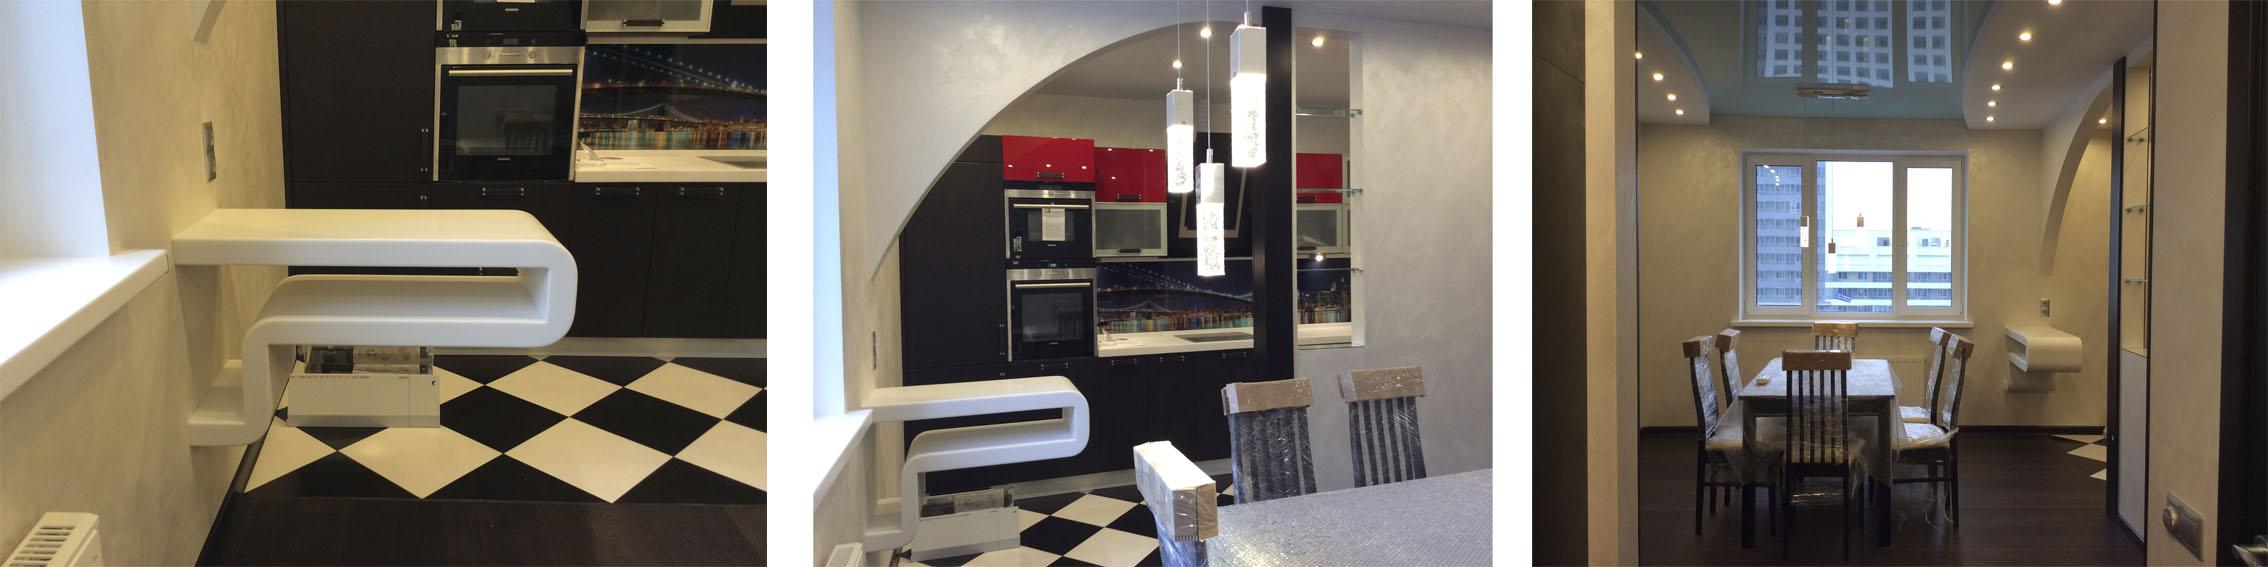 Кухня в современном стиле2